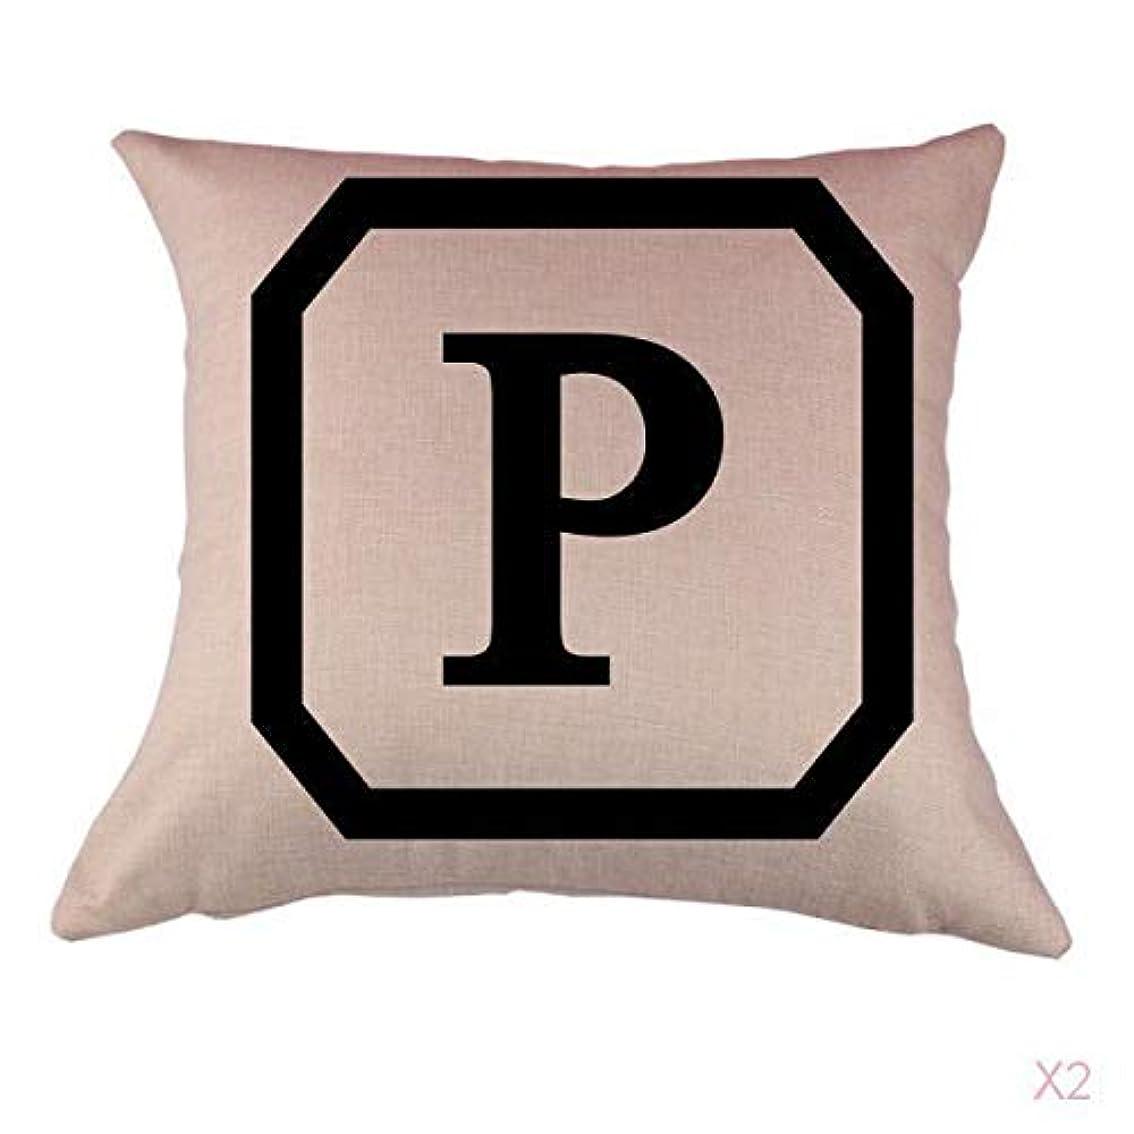 おとこ課すペンスコットンリネンスロー枕カバークッションカバー家の装飾頭文字P